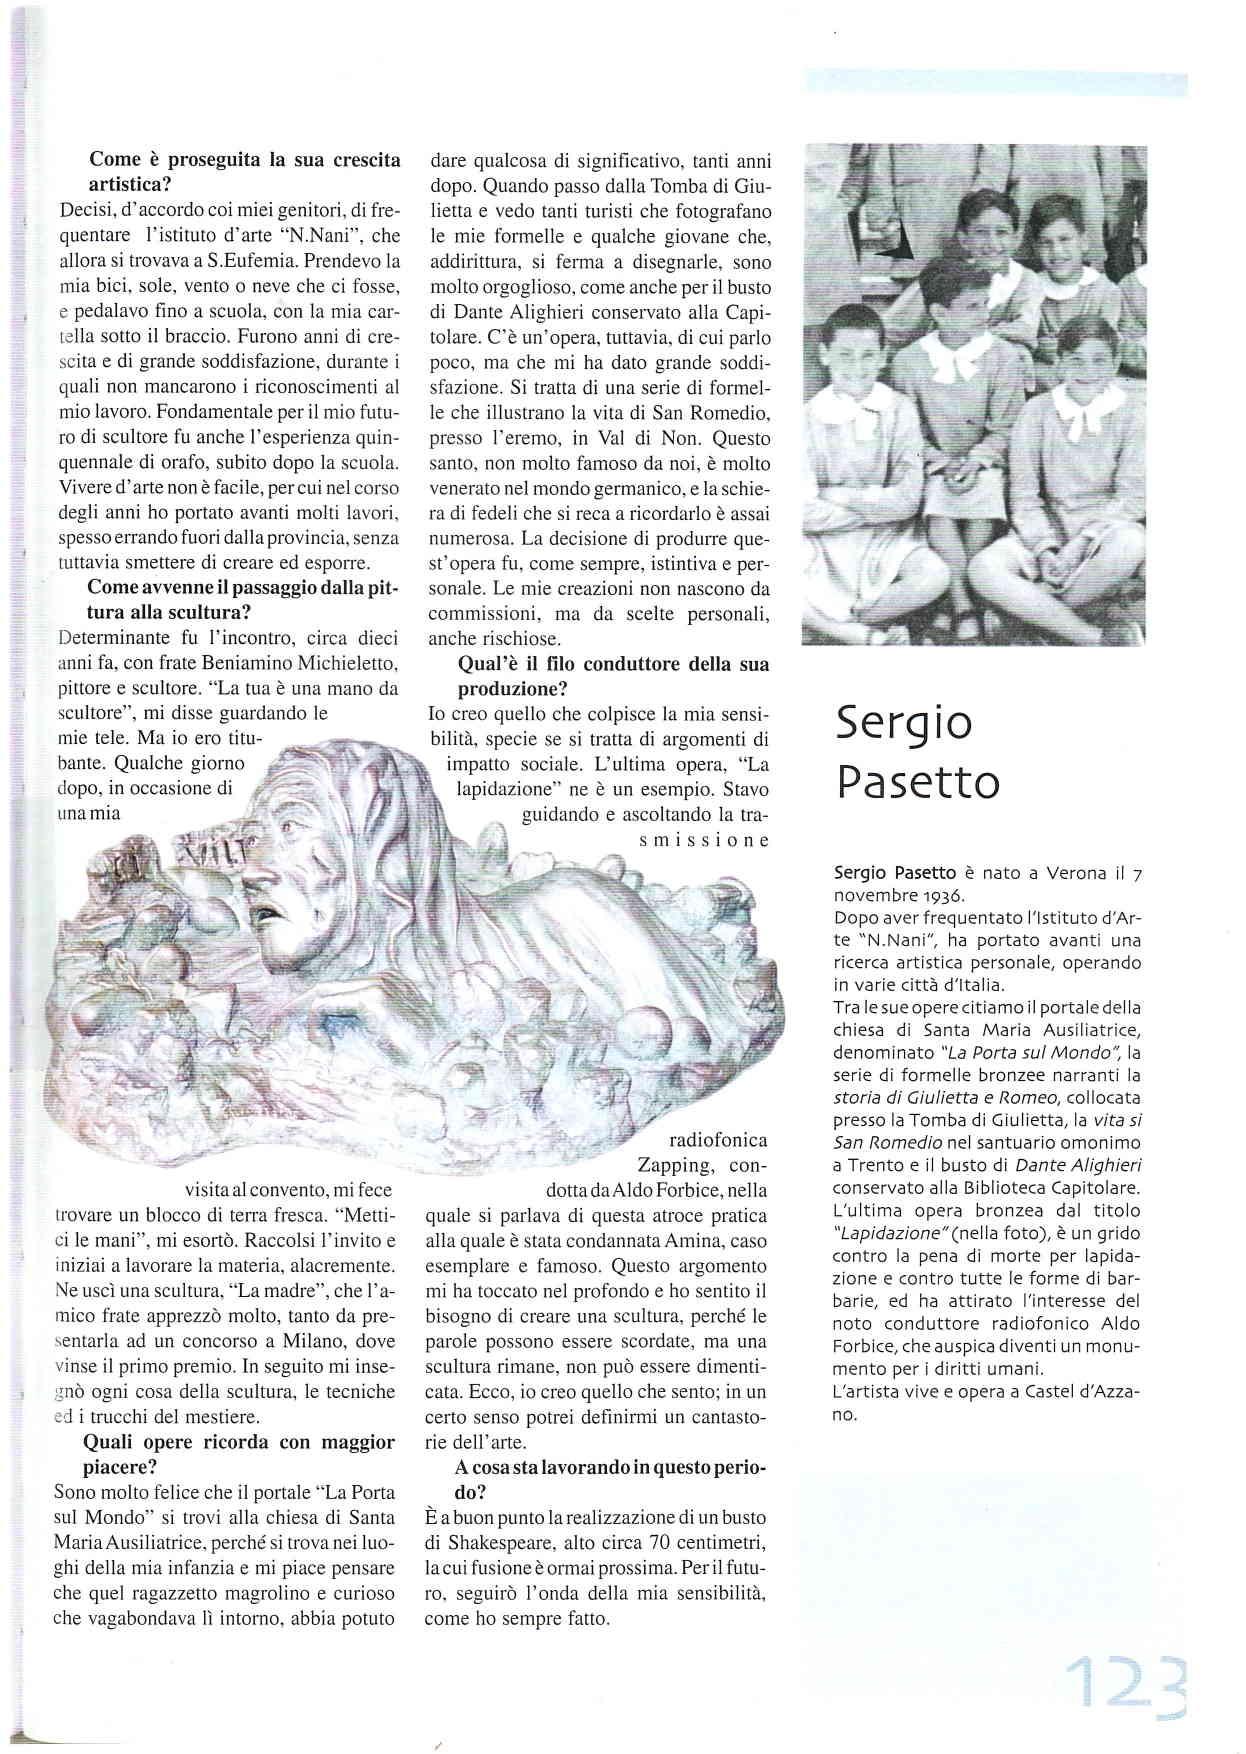 la_materia_che_urla_e_grida (2)